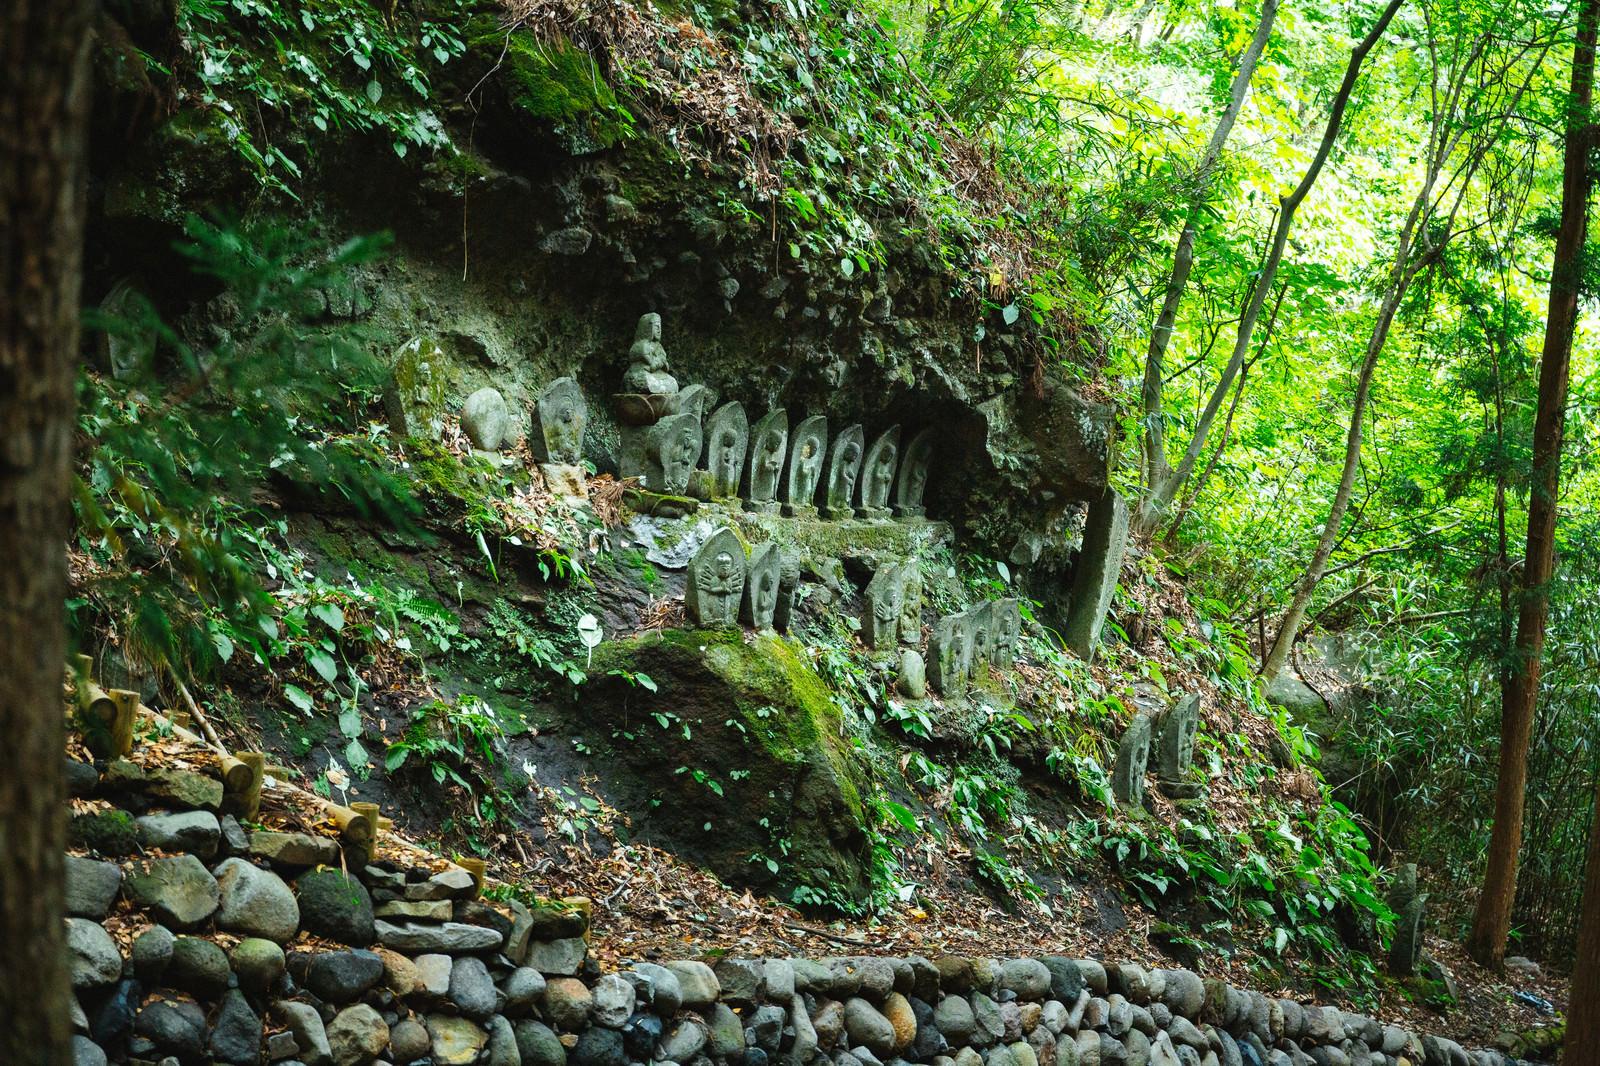 「崖に並ぶ滝沢観音石仏群」の写真